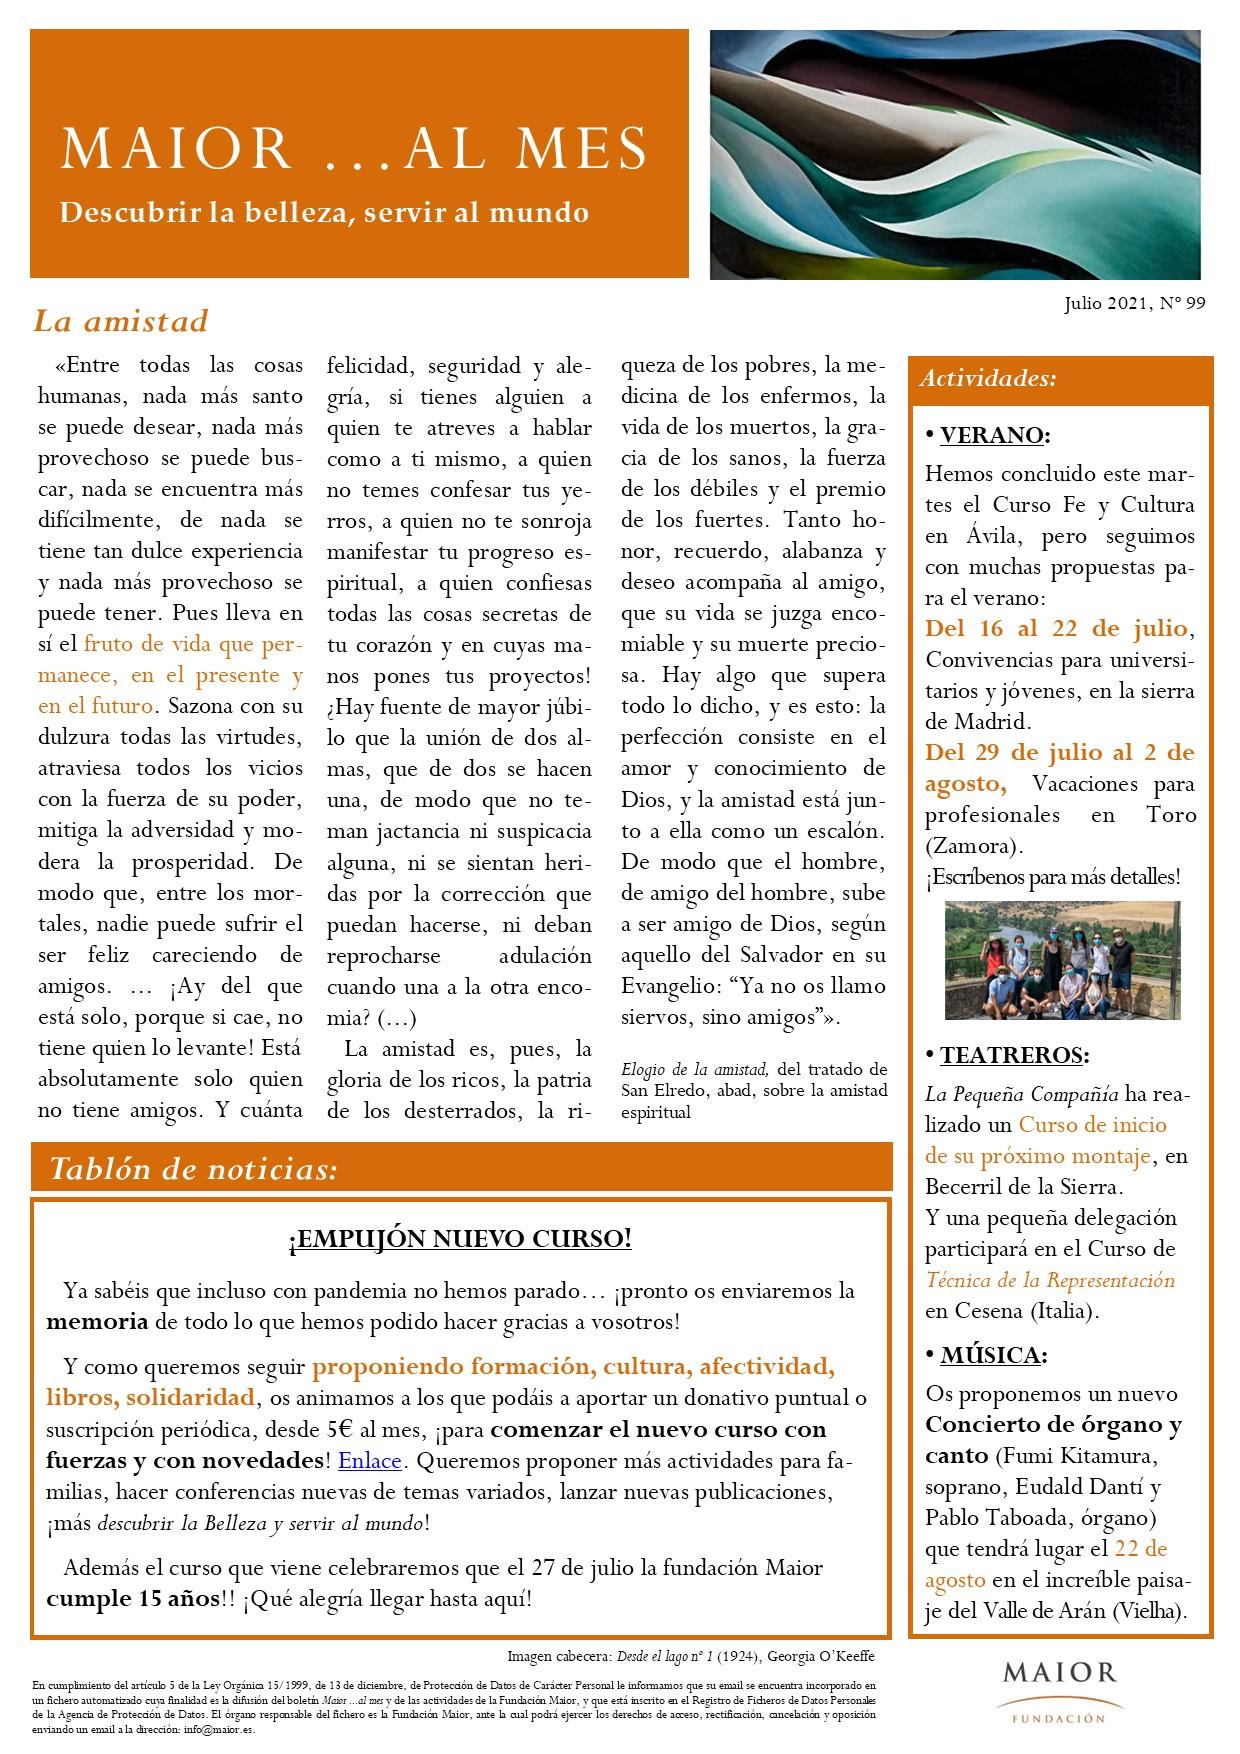 Boletín mensual de noticias y actividades de la Fundación Maior. Edición de julio 2021